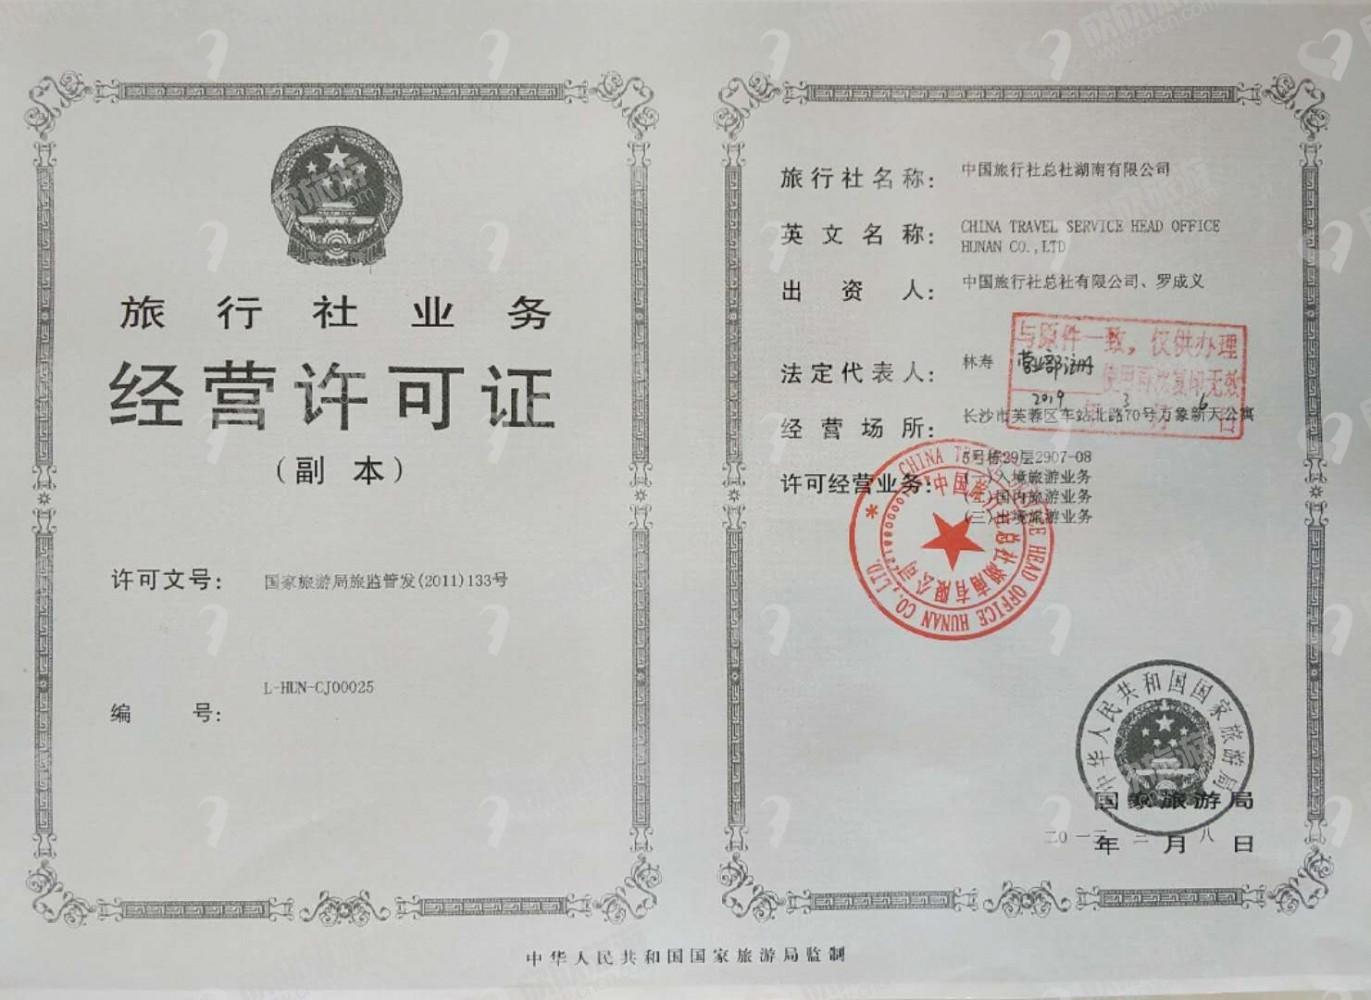 中国旅行社总社湖南有限公司衡阳市立新路服务网点经营许可证